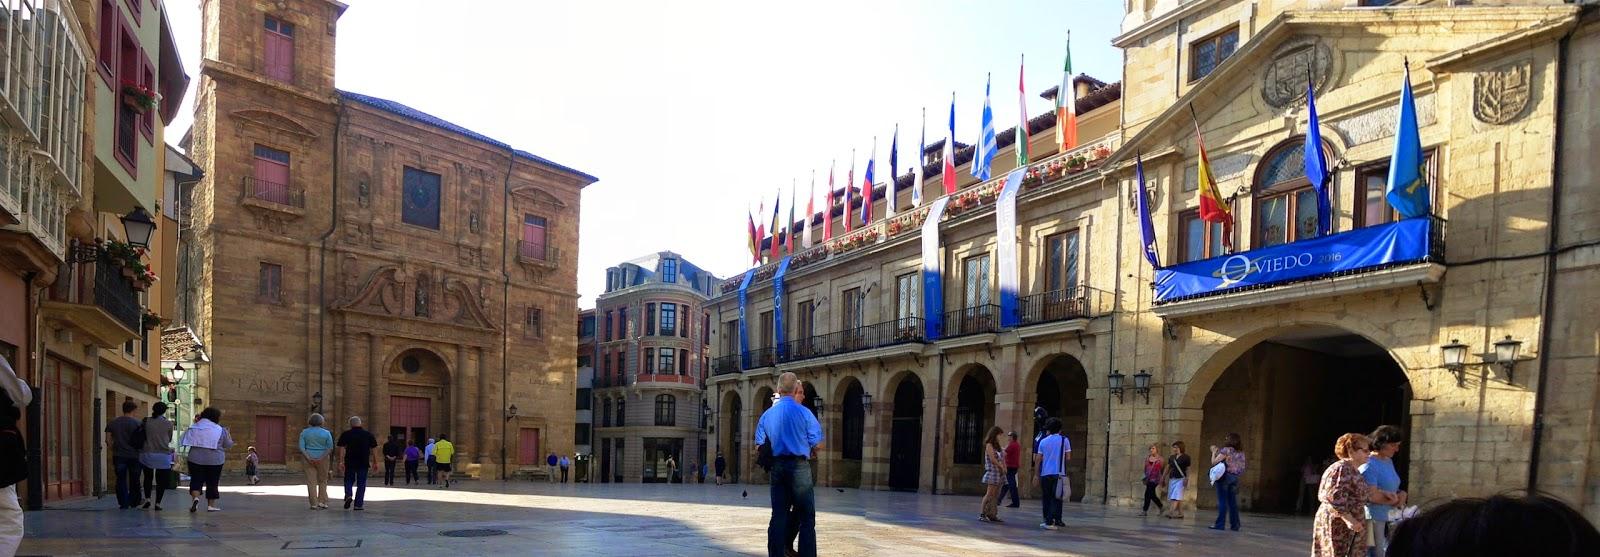 Tourism in Oviedo